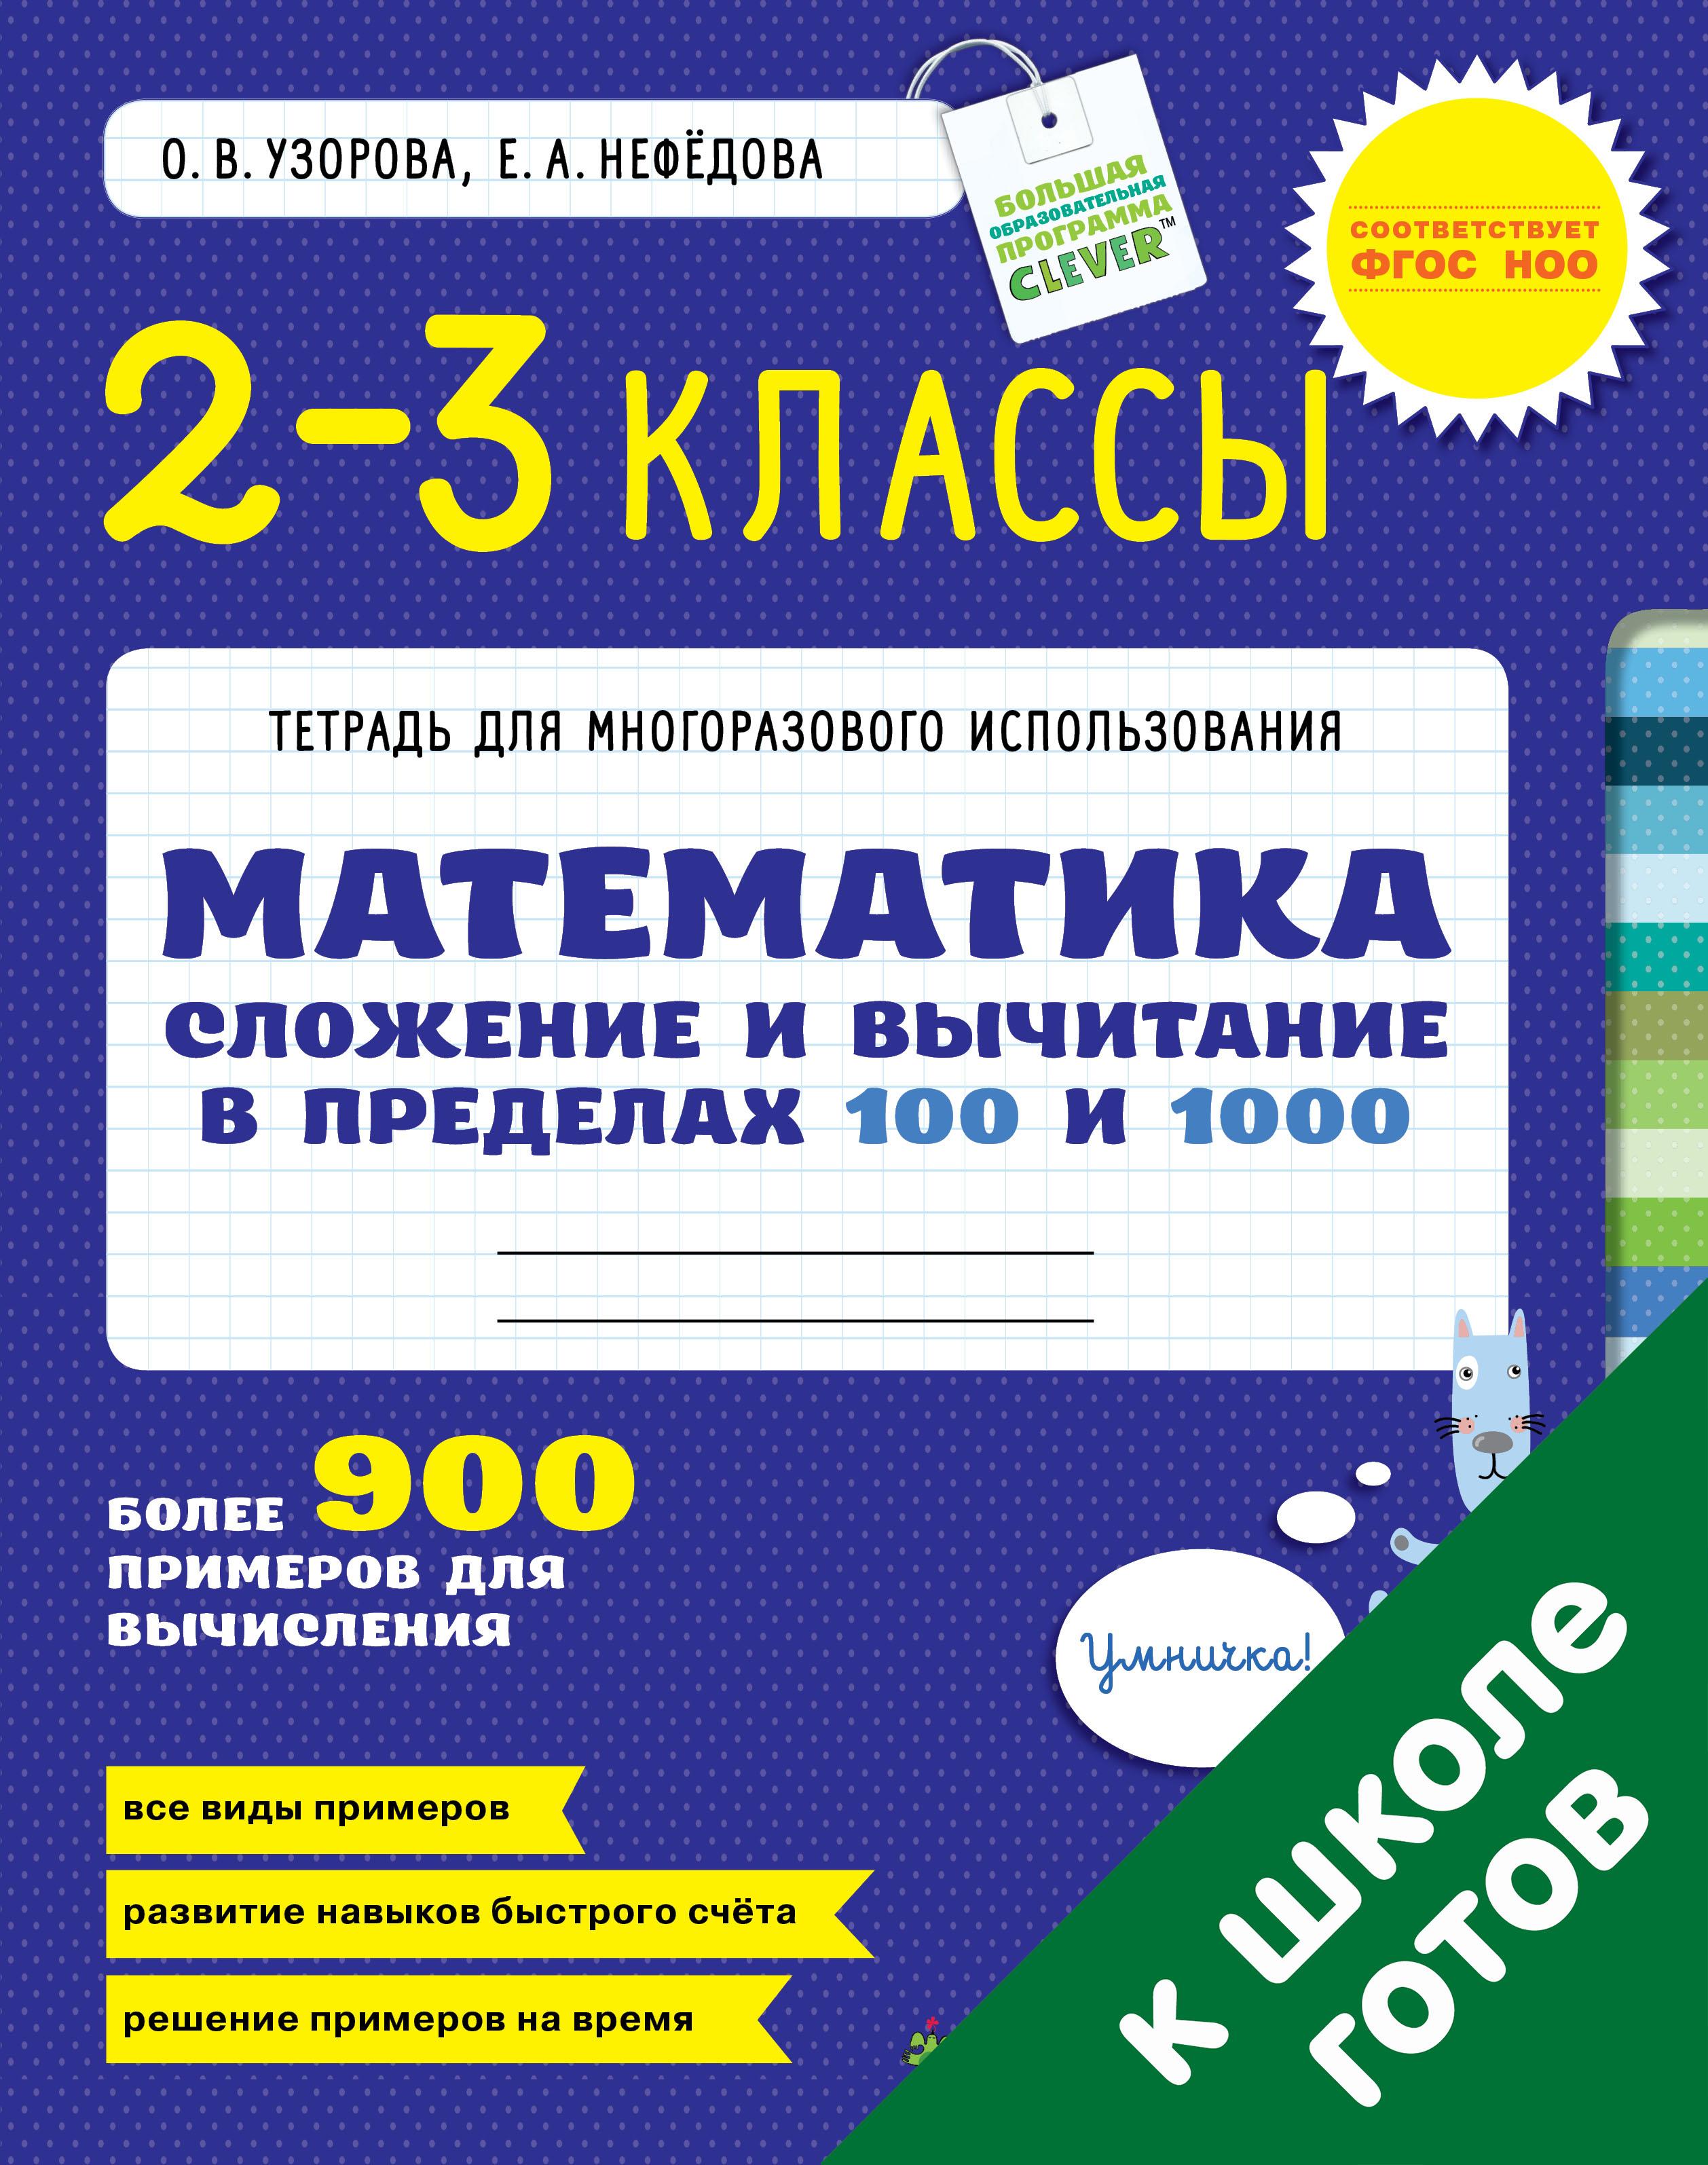 О. В. Узорова, Е. А. Нефедова Математика. 2-3 классы. Сложение и вычитание в пределах 100 и 1000